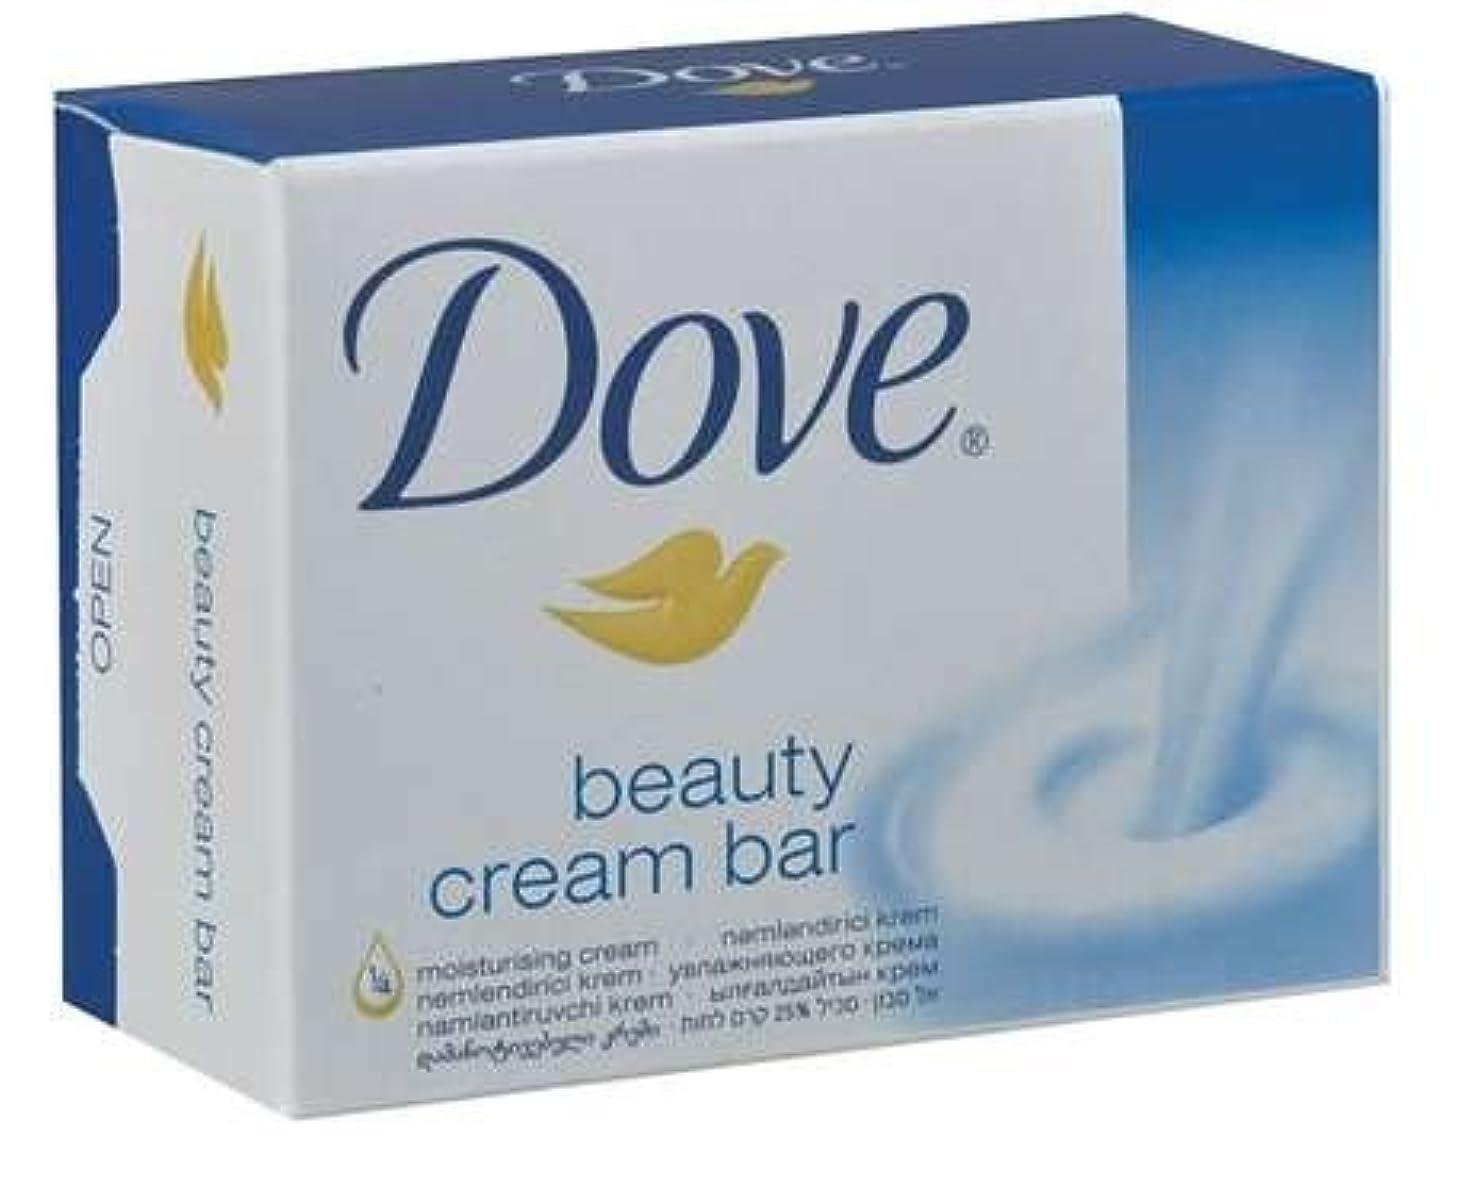 サスペンション月聡明Dove Original Beauty Cream Bar White Soap 100 G / 3.5 Oz Bars (Pack of 12) by Dove [並行輸入品]